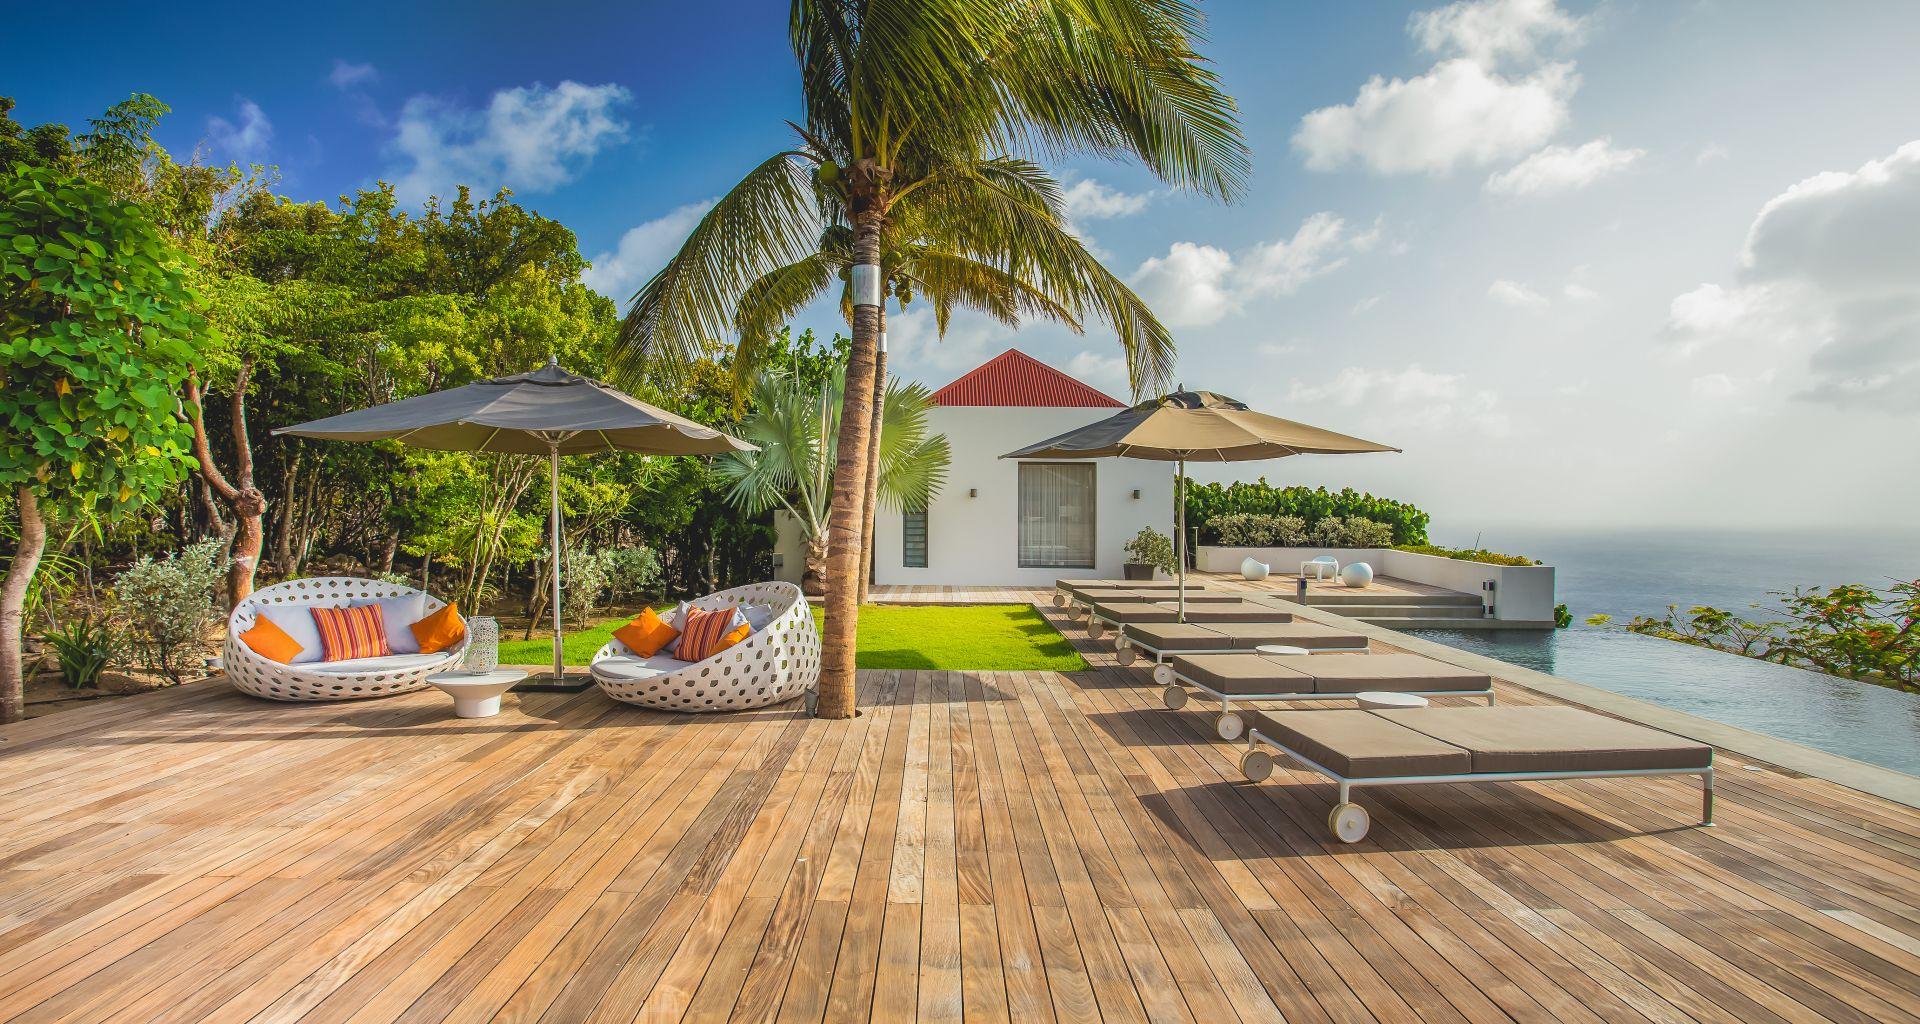 Villa Palm Springs St Barts Caribbean Casol Villas France